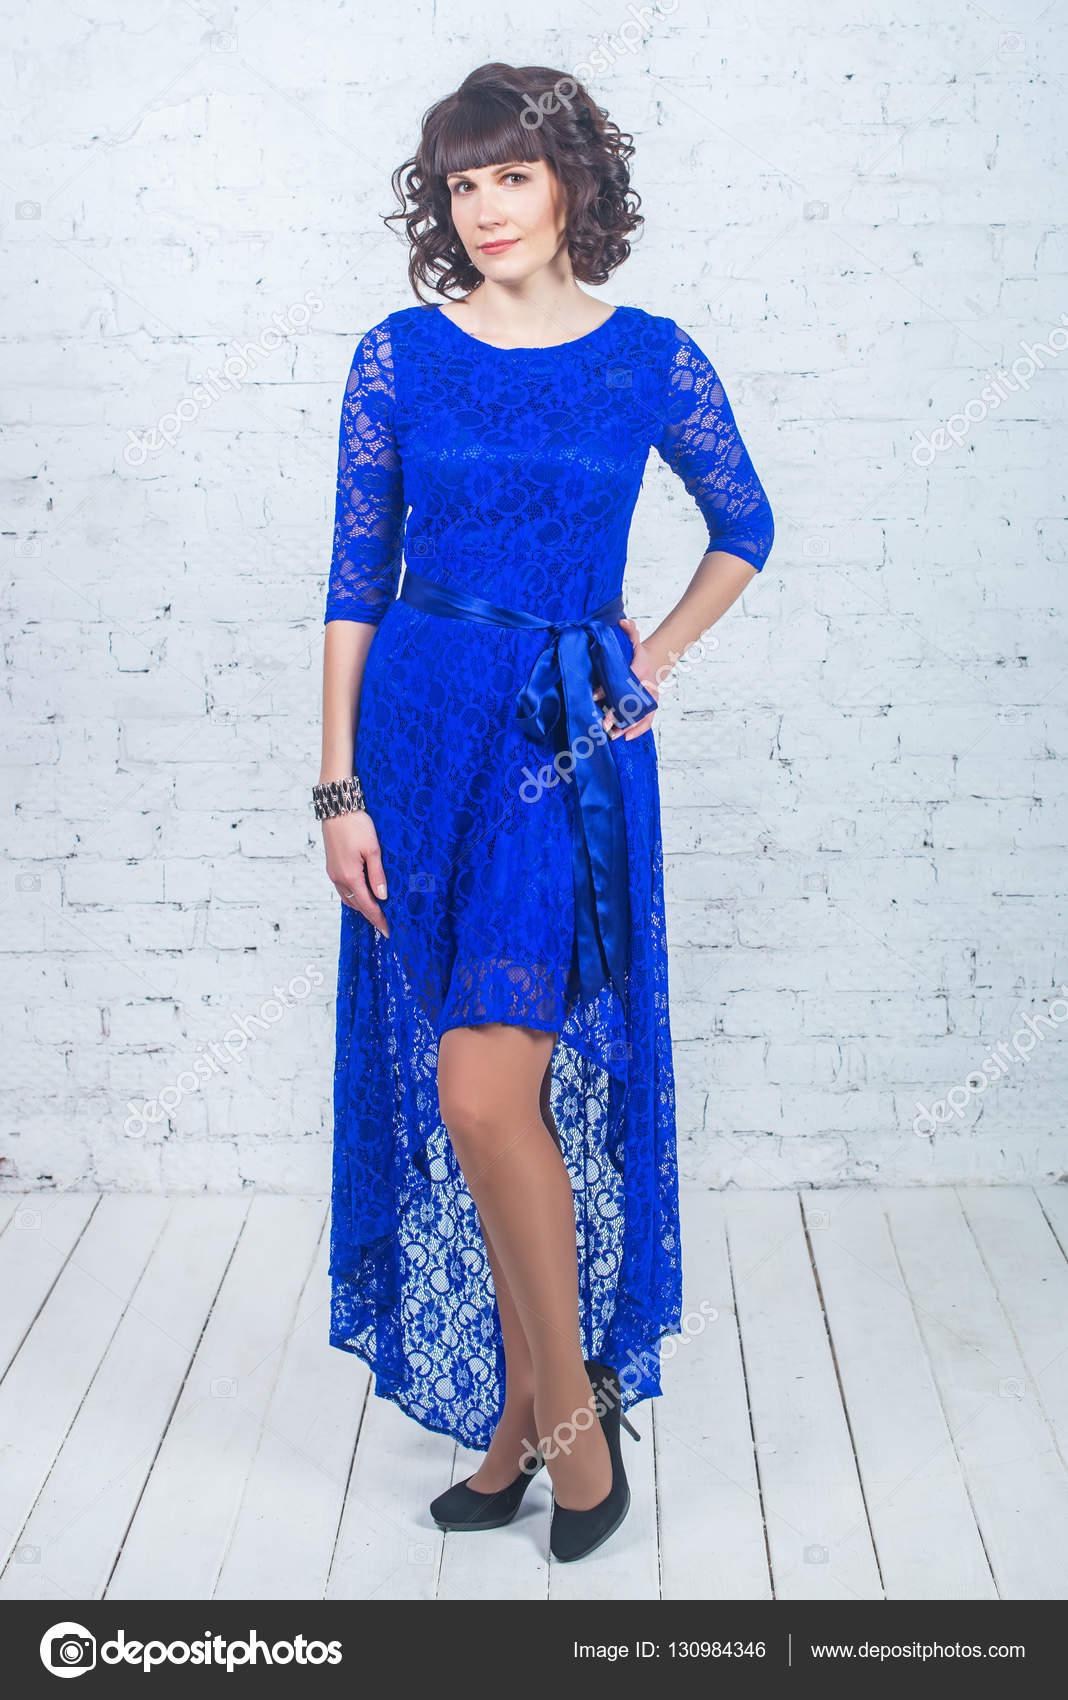 Junge schöne Frau blaues Kleid stehend vor weißem Hintergrund Mauer ...